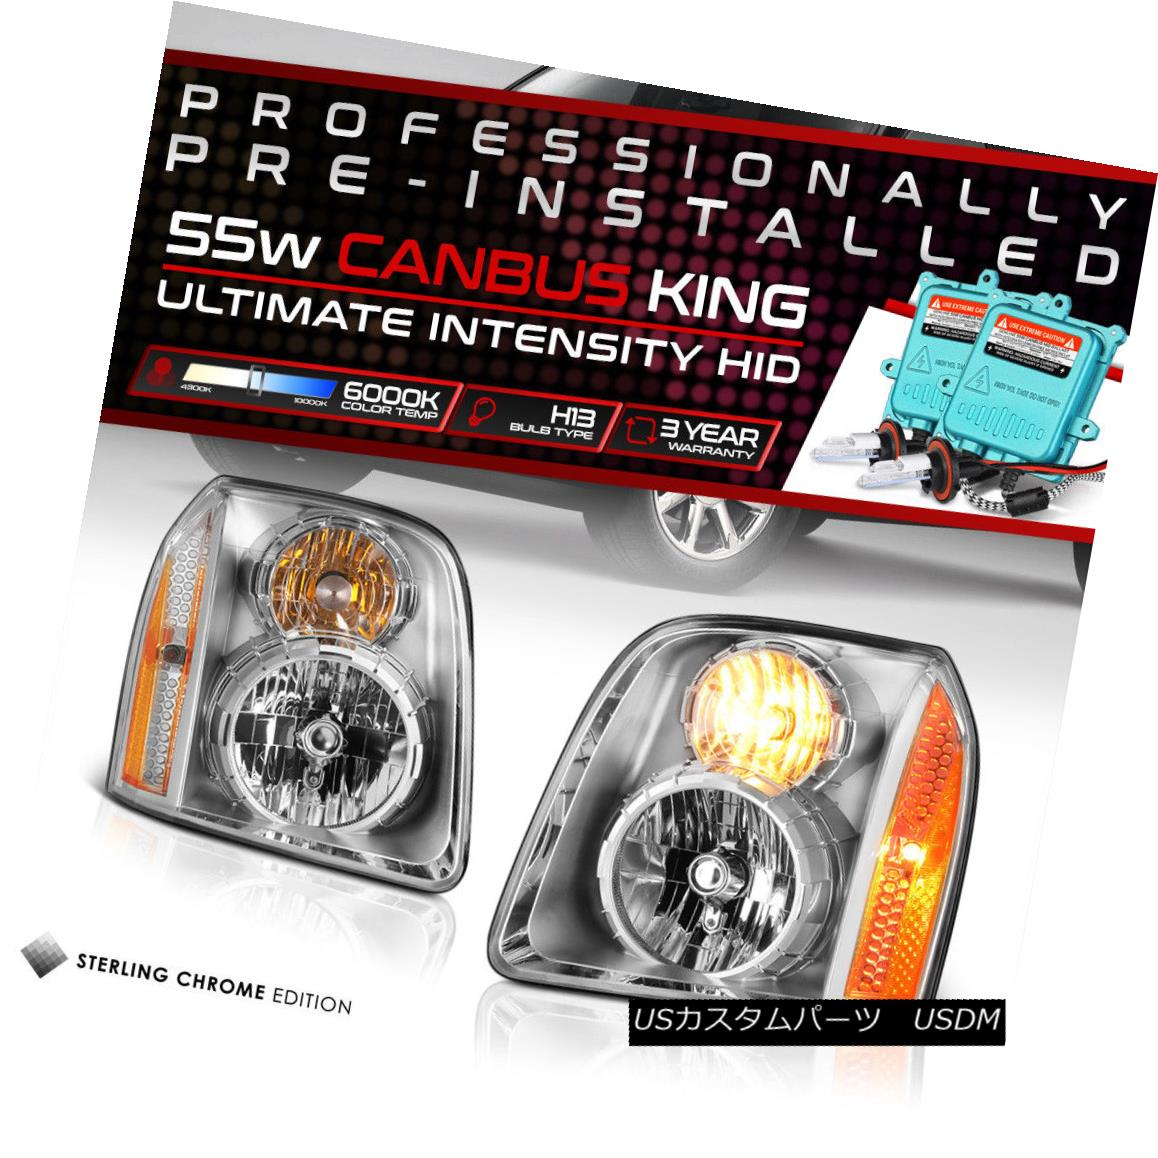 ヘッドライト !Built-In HID Low Beam! Factory Style Headlights SET For 2007-2014 GMC Yukon XL !内蔵HIDロービーム! 工場スタイルのヘッドライトは、2007年?2014年のGMCユーコンXL